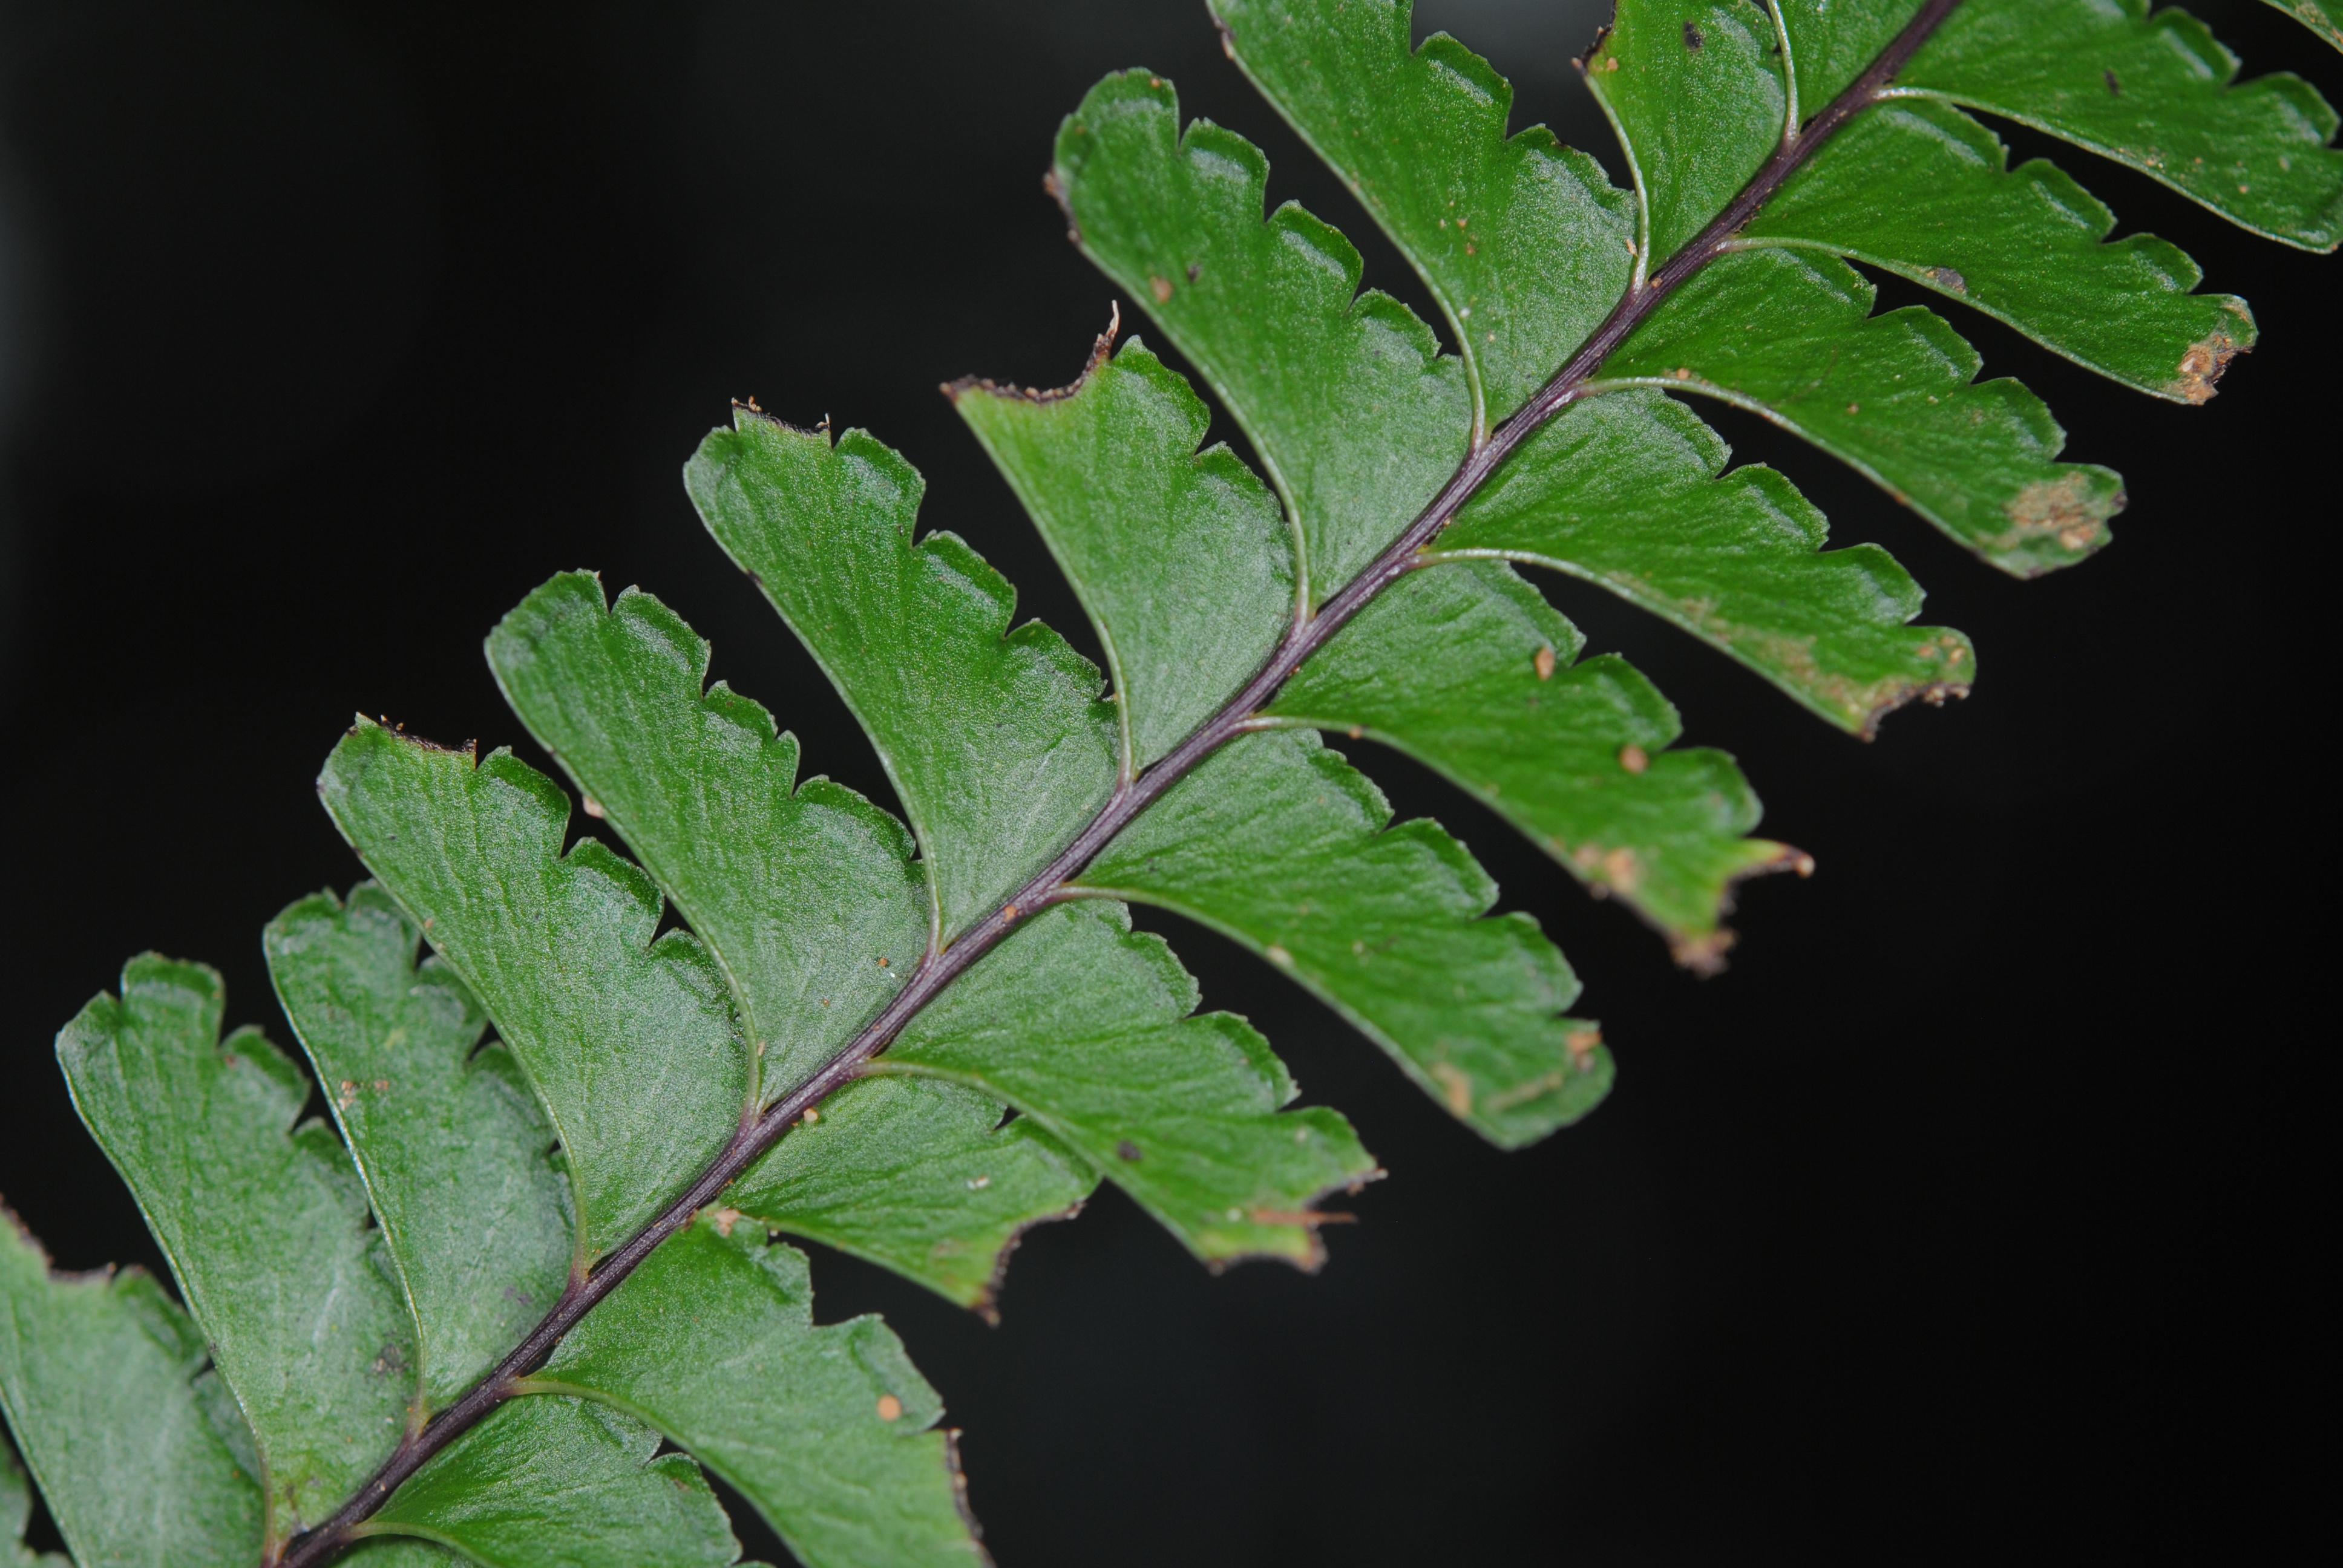 Lindsaea obtusa